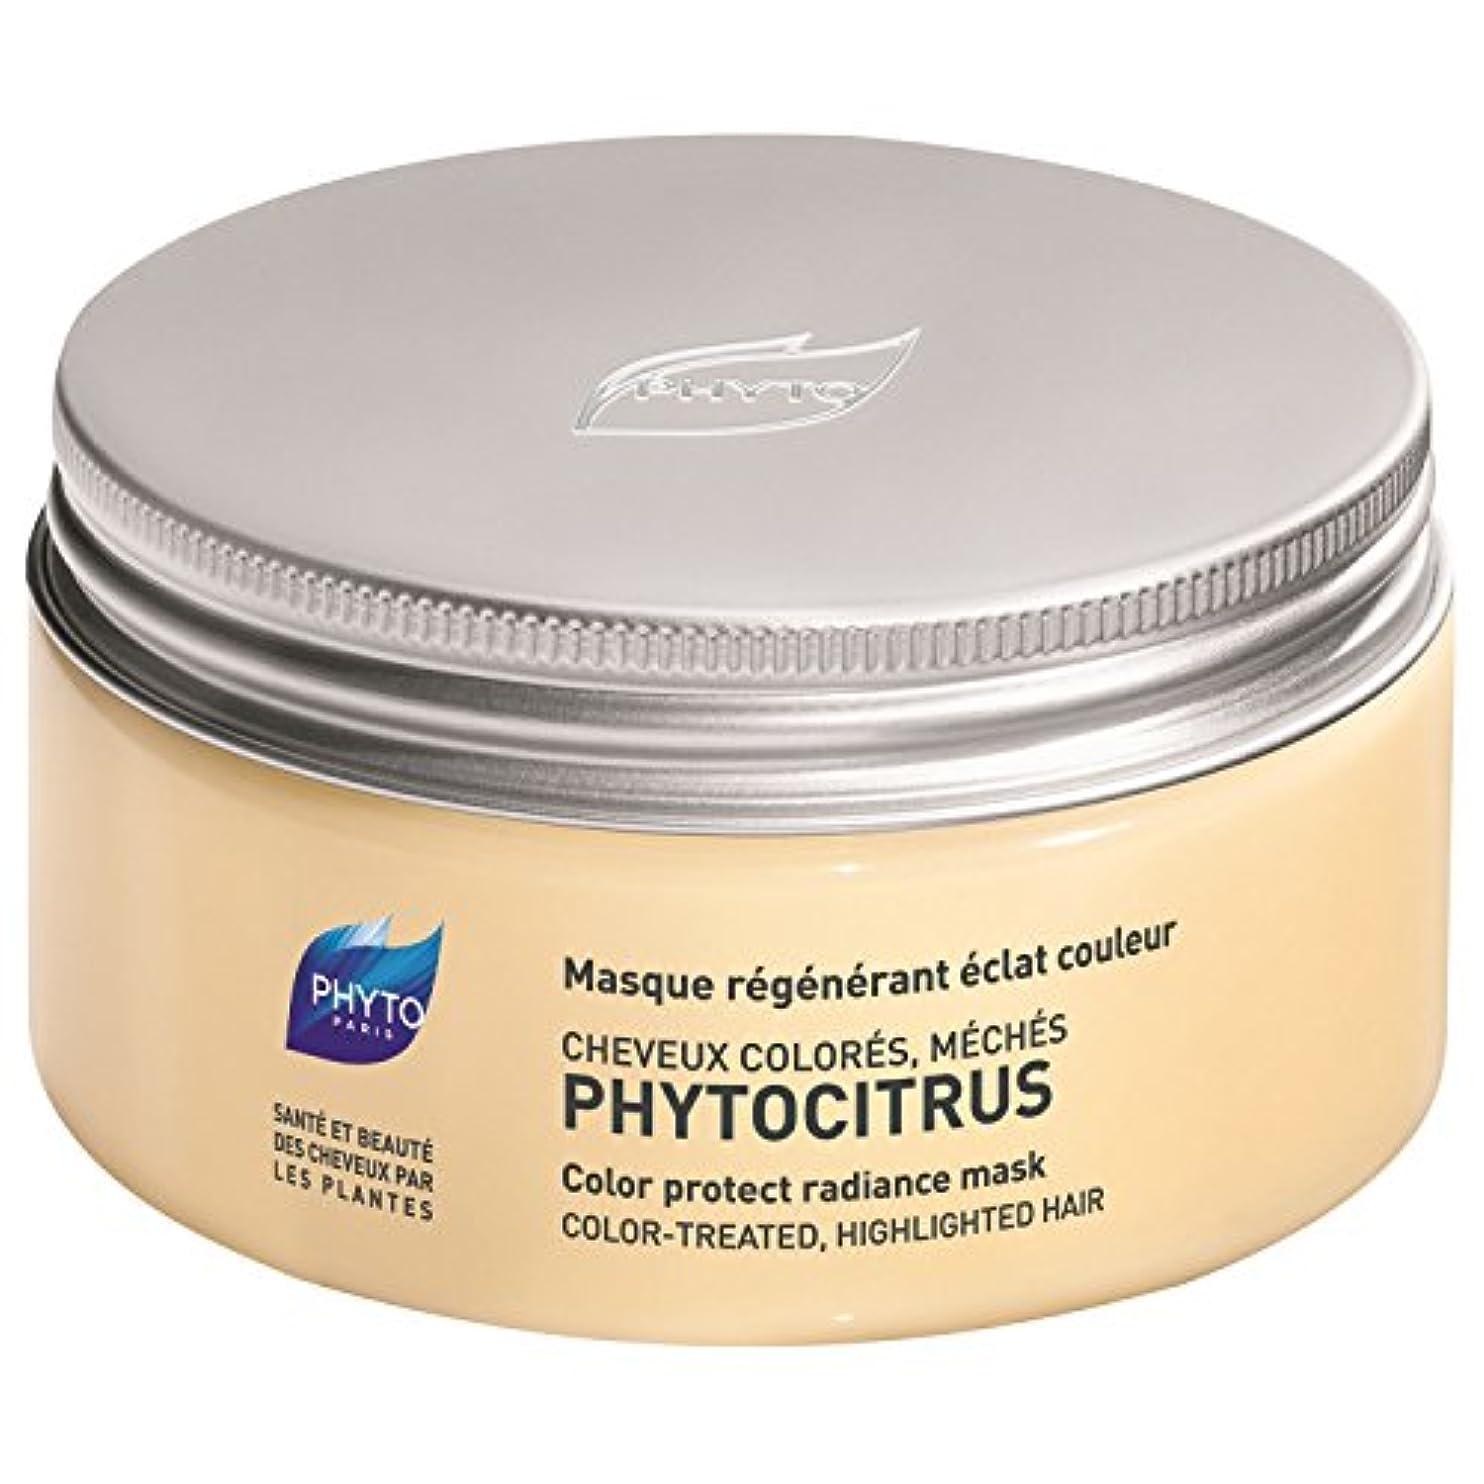 くちばし求めるためらうフィトPhytocitrus色保護放射輝度マスク200ミリリットル (Phyto) (x2) - Phyto Phytocitrus Colour Protect Radiance Mask 200ml (Pack of...